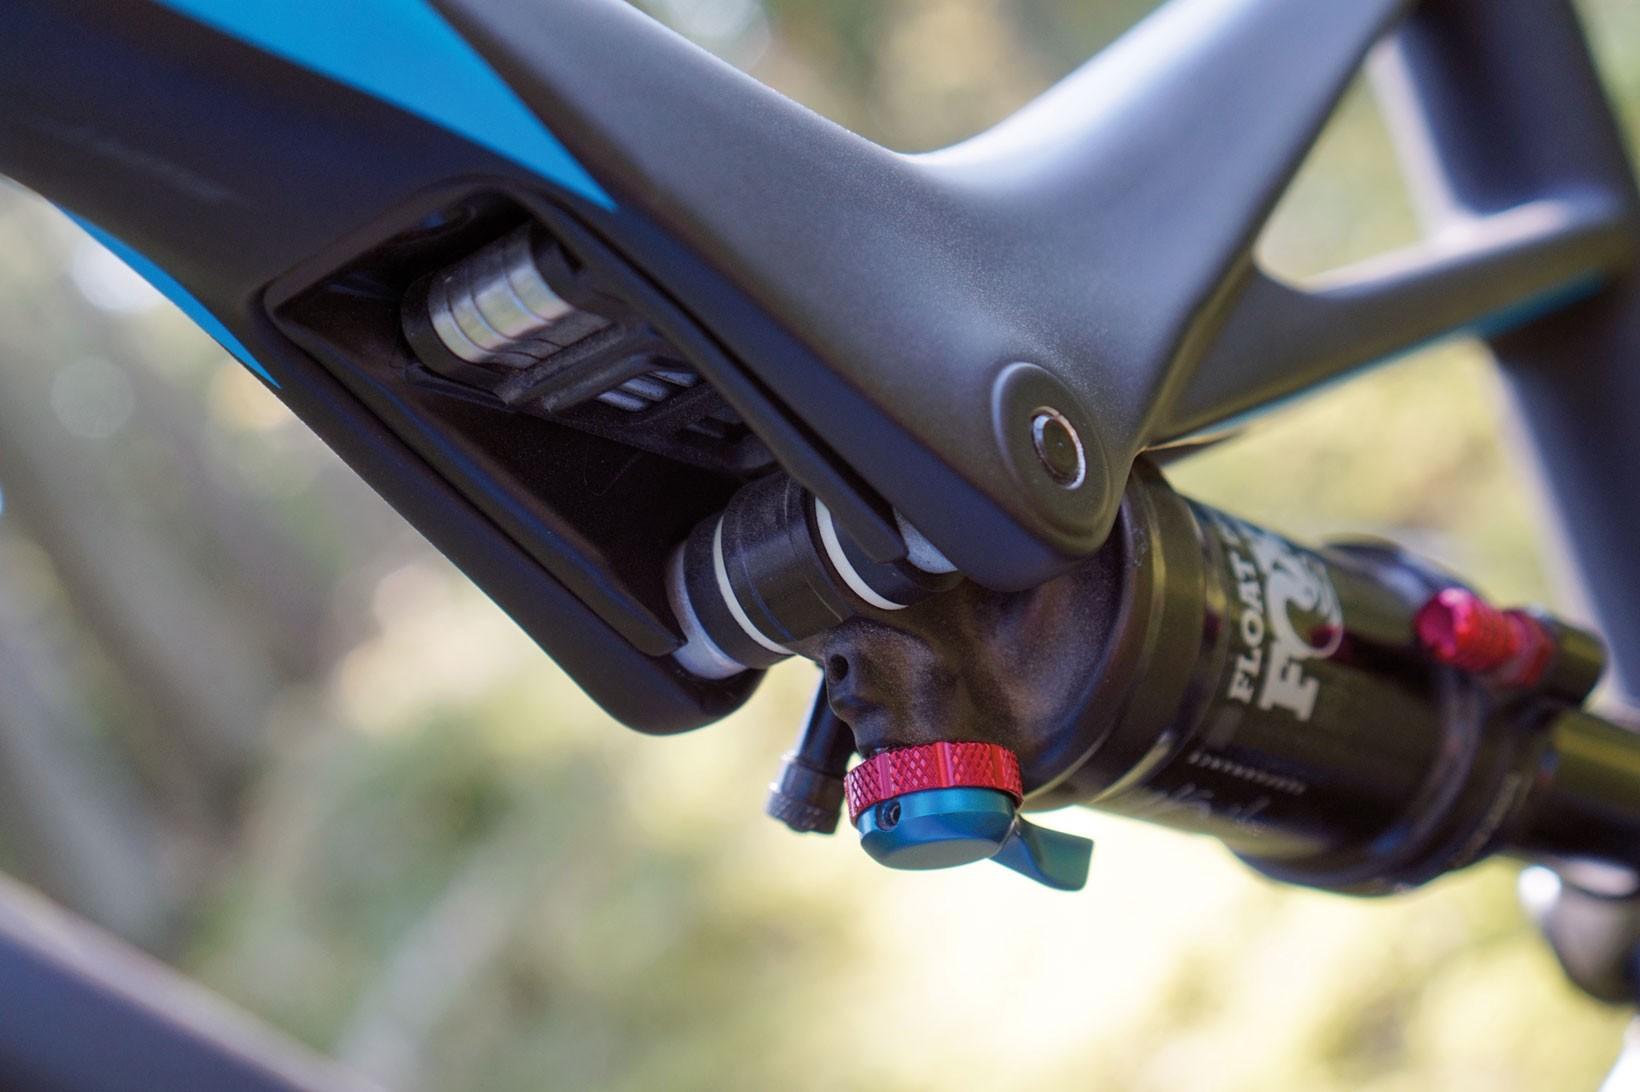 Bakdämparen har inte bara en Autosag-ventil för enkel inställning av tryck, den härbärgerar nämligen också ett muliverktyg, i linje med ambitionen att vara en praktisk cykel för hela skogen.